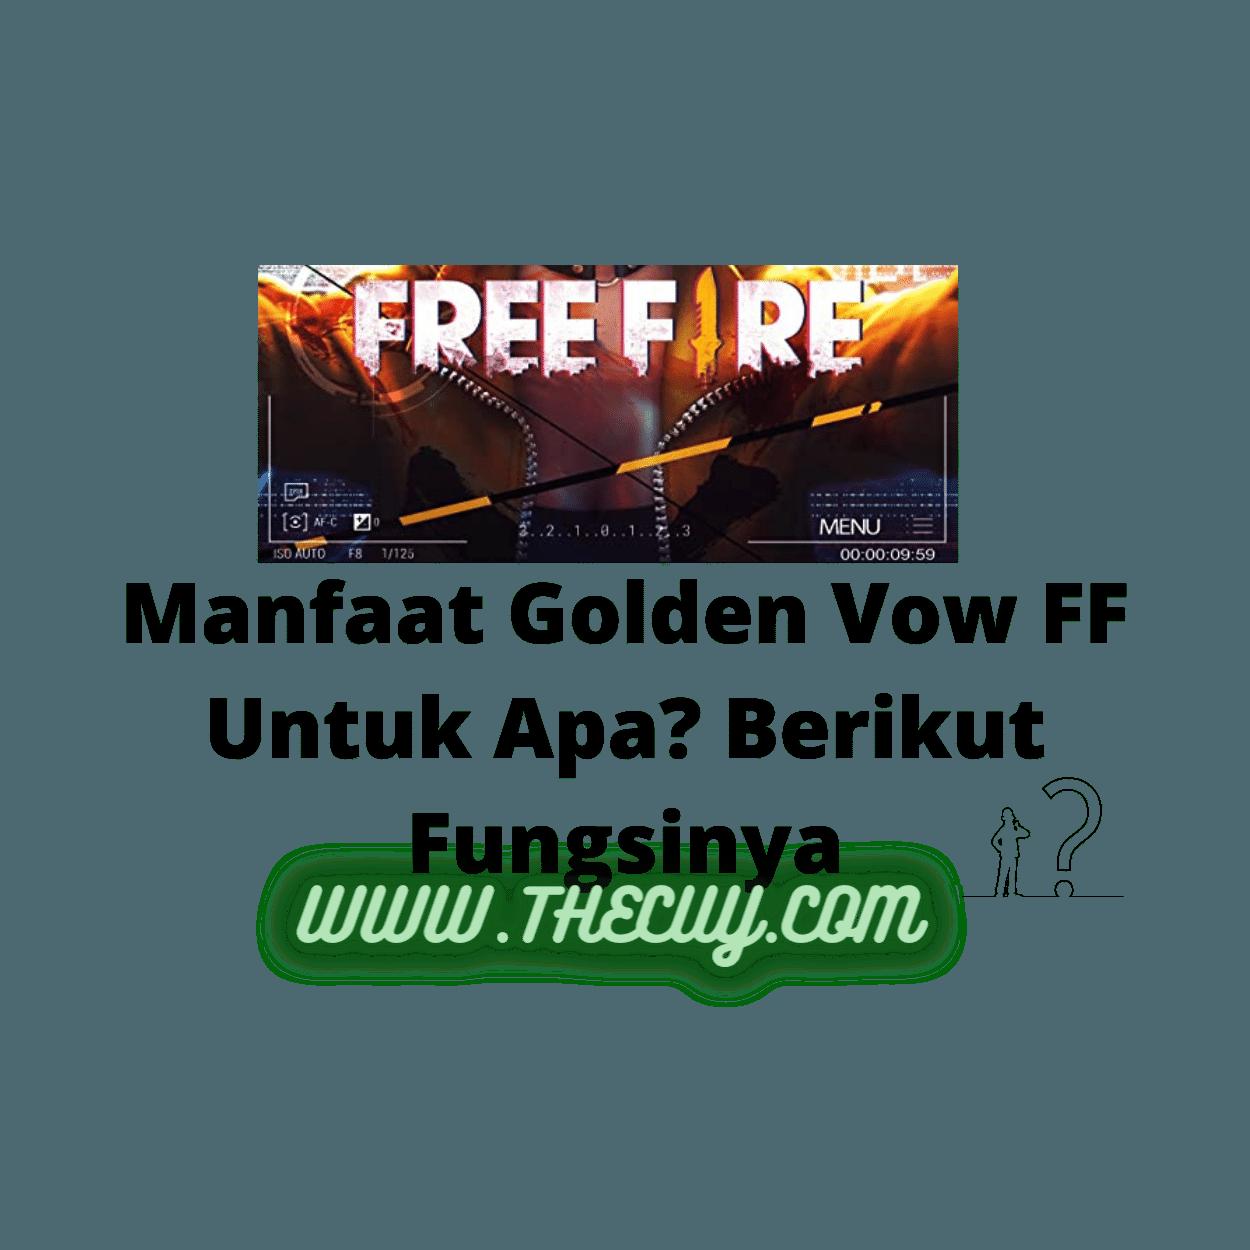 Manfaat Golden Vow FF Untuk Apa? Berikut Fungsinya